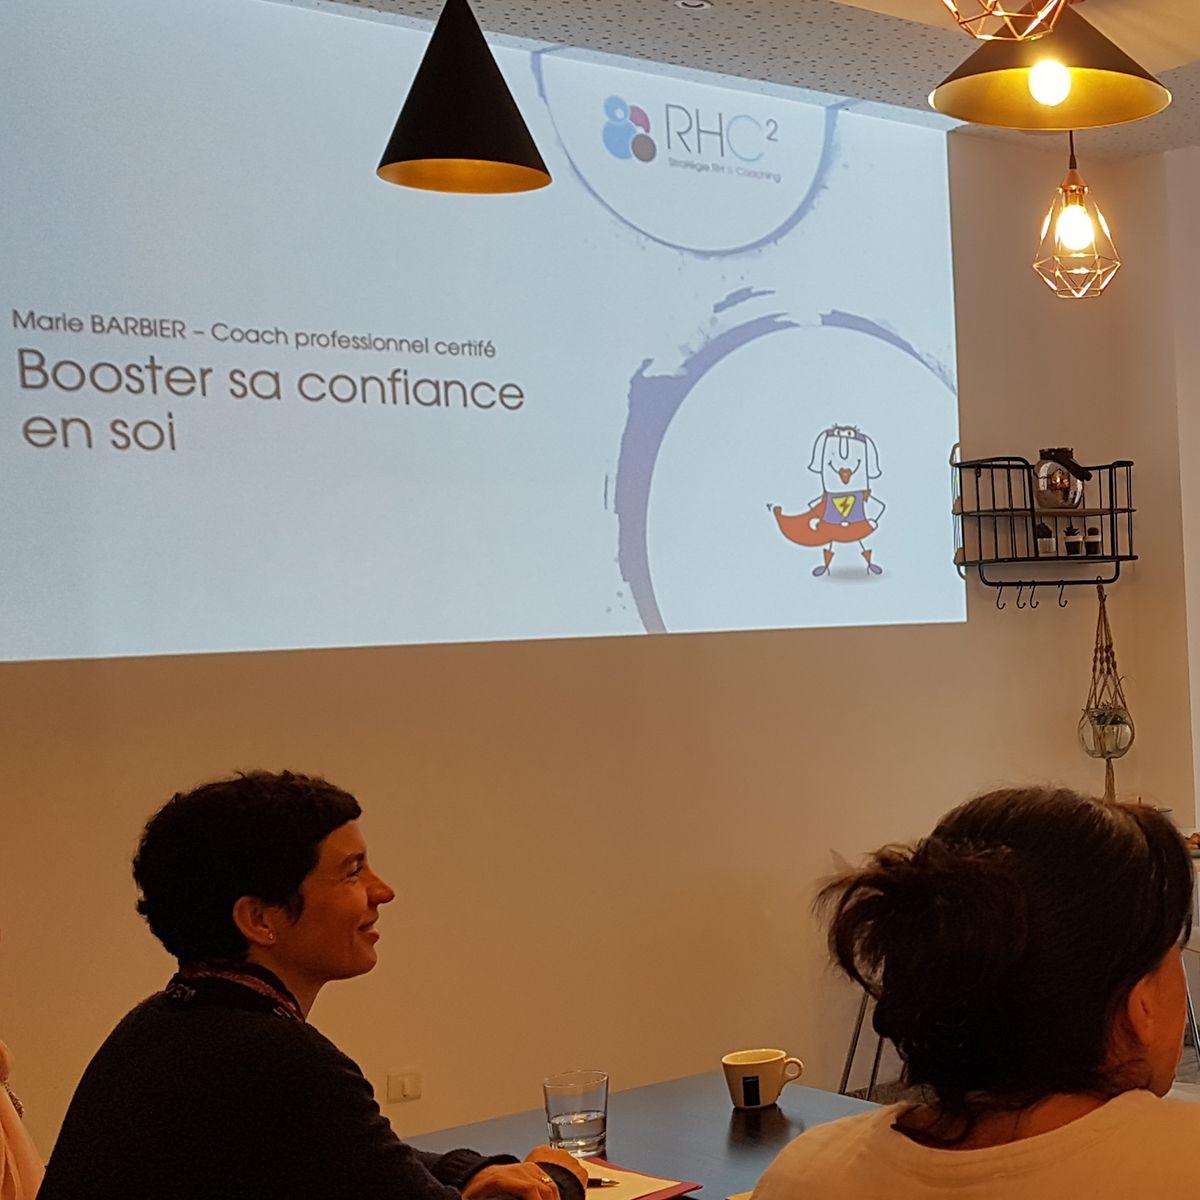 Atelier confiance en soi par Marie Barbier de RHC2 à Saint-Malo